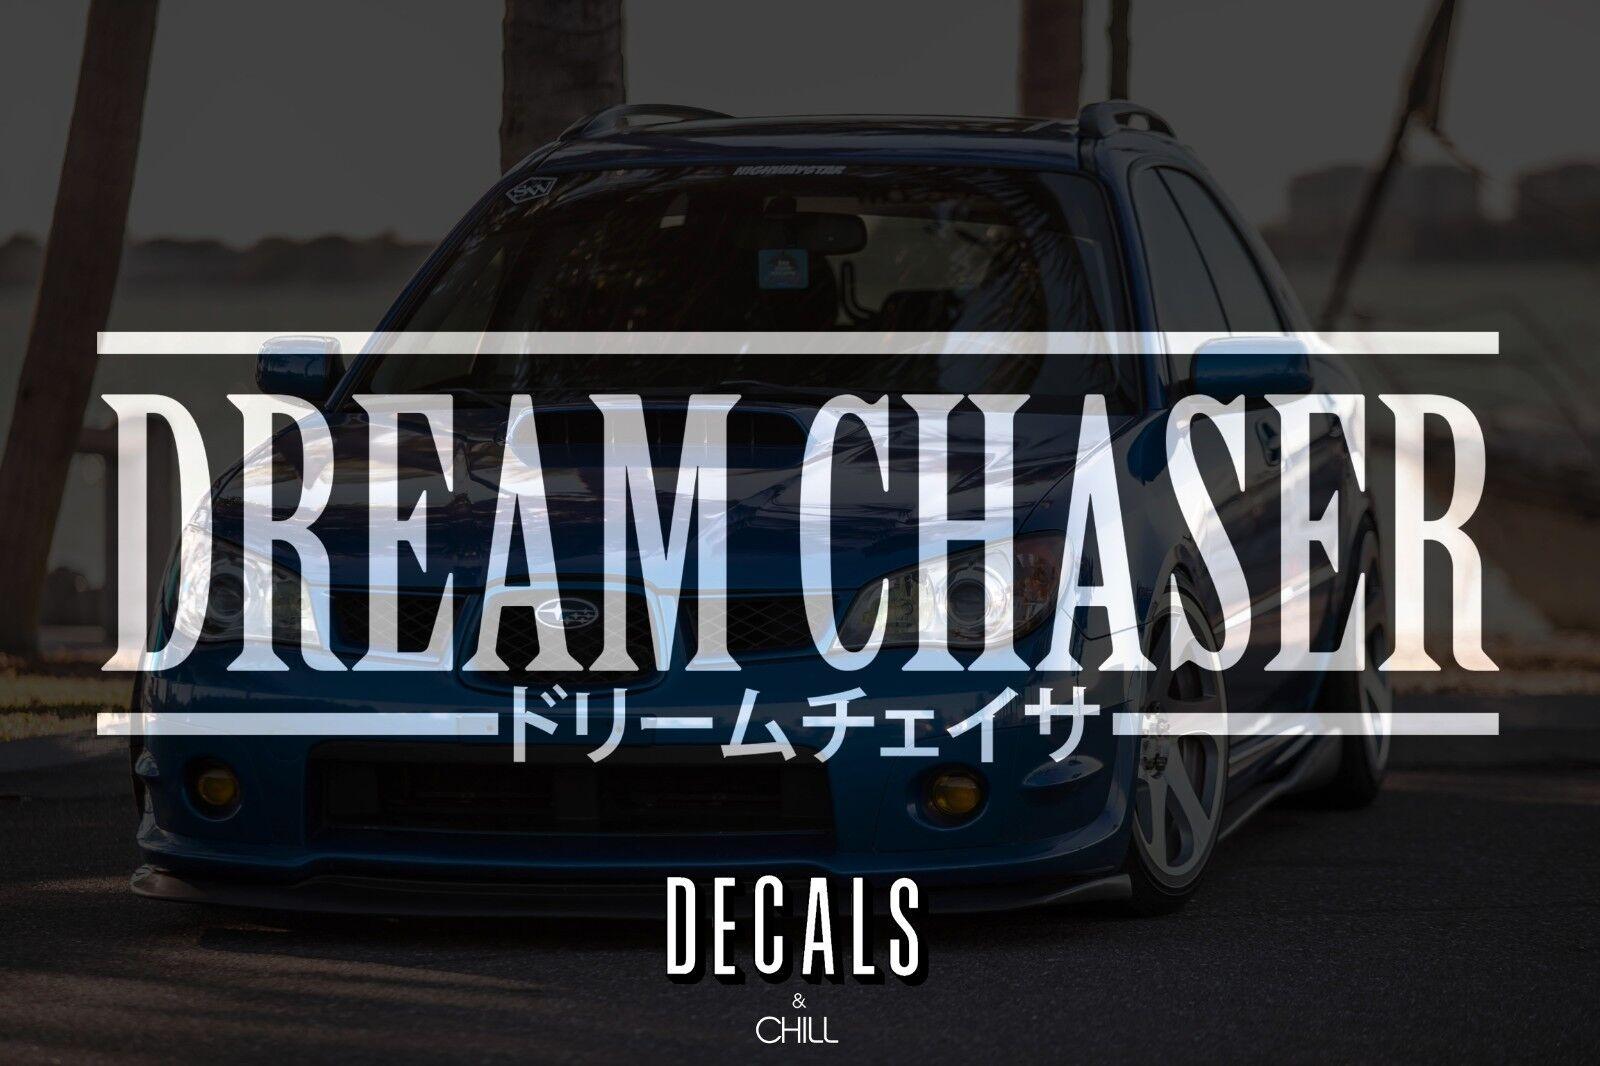 Street Dreams Decal Sticker illest Lowered JDM Stance Low Slammed